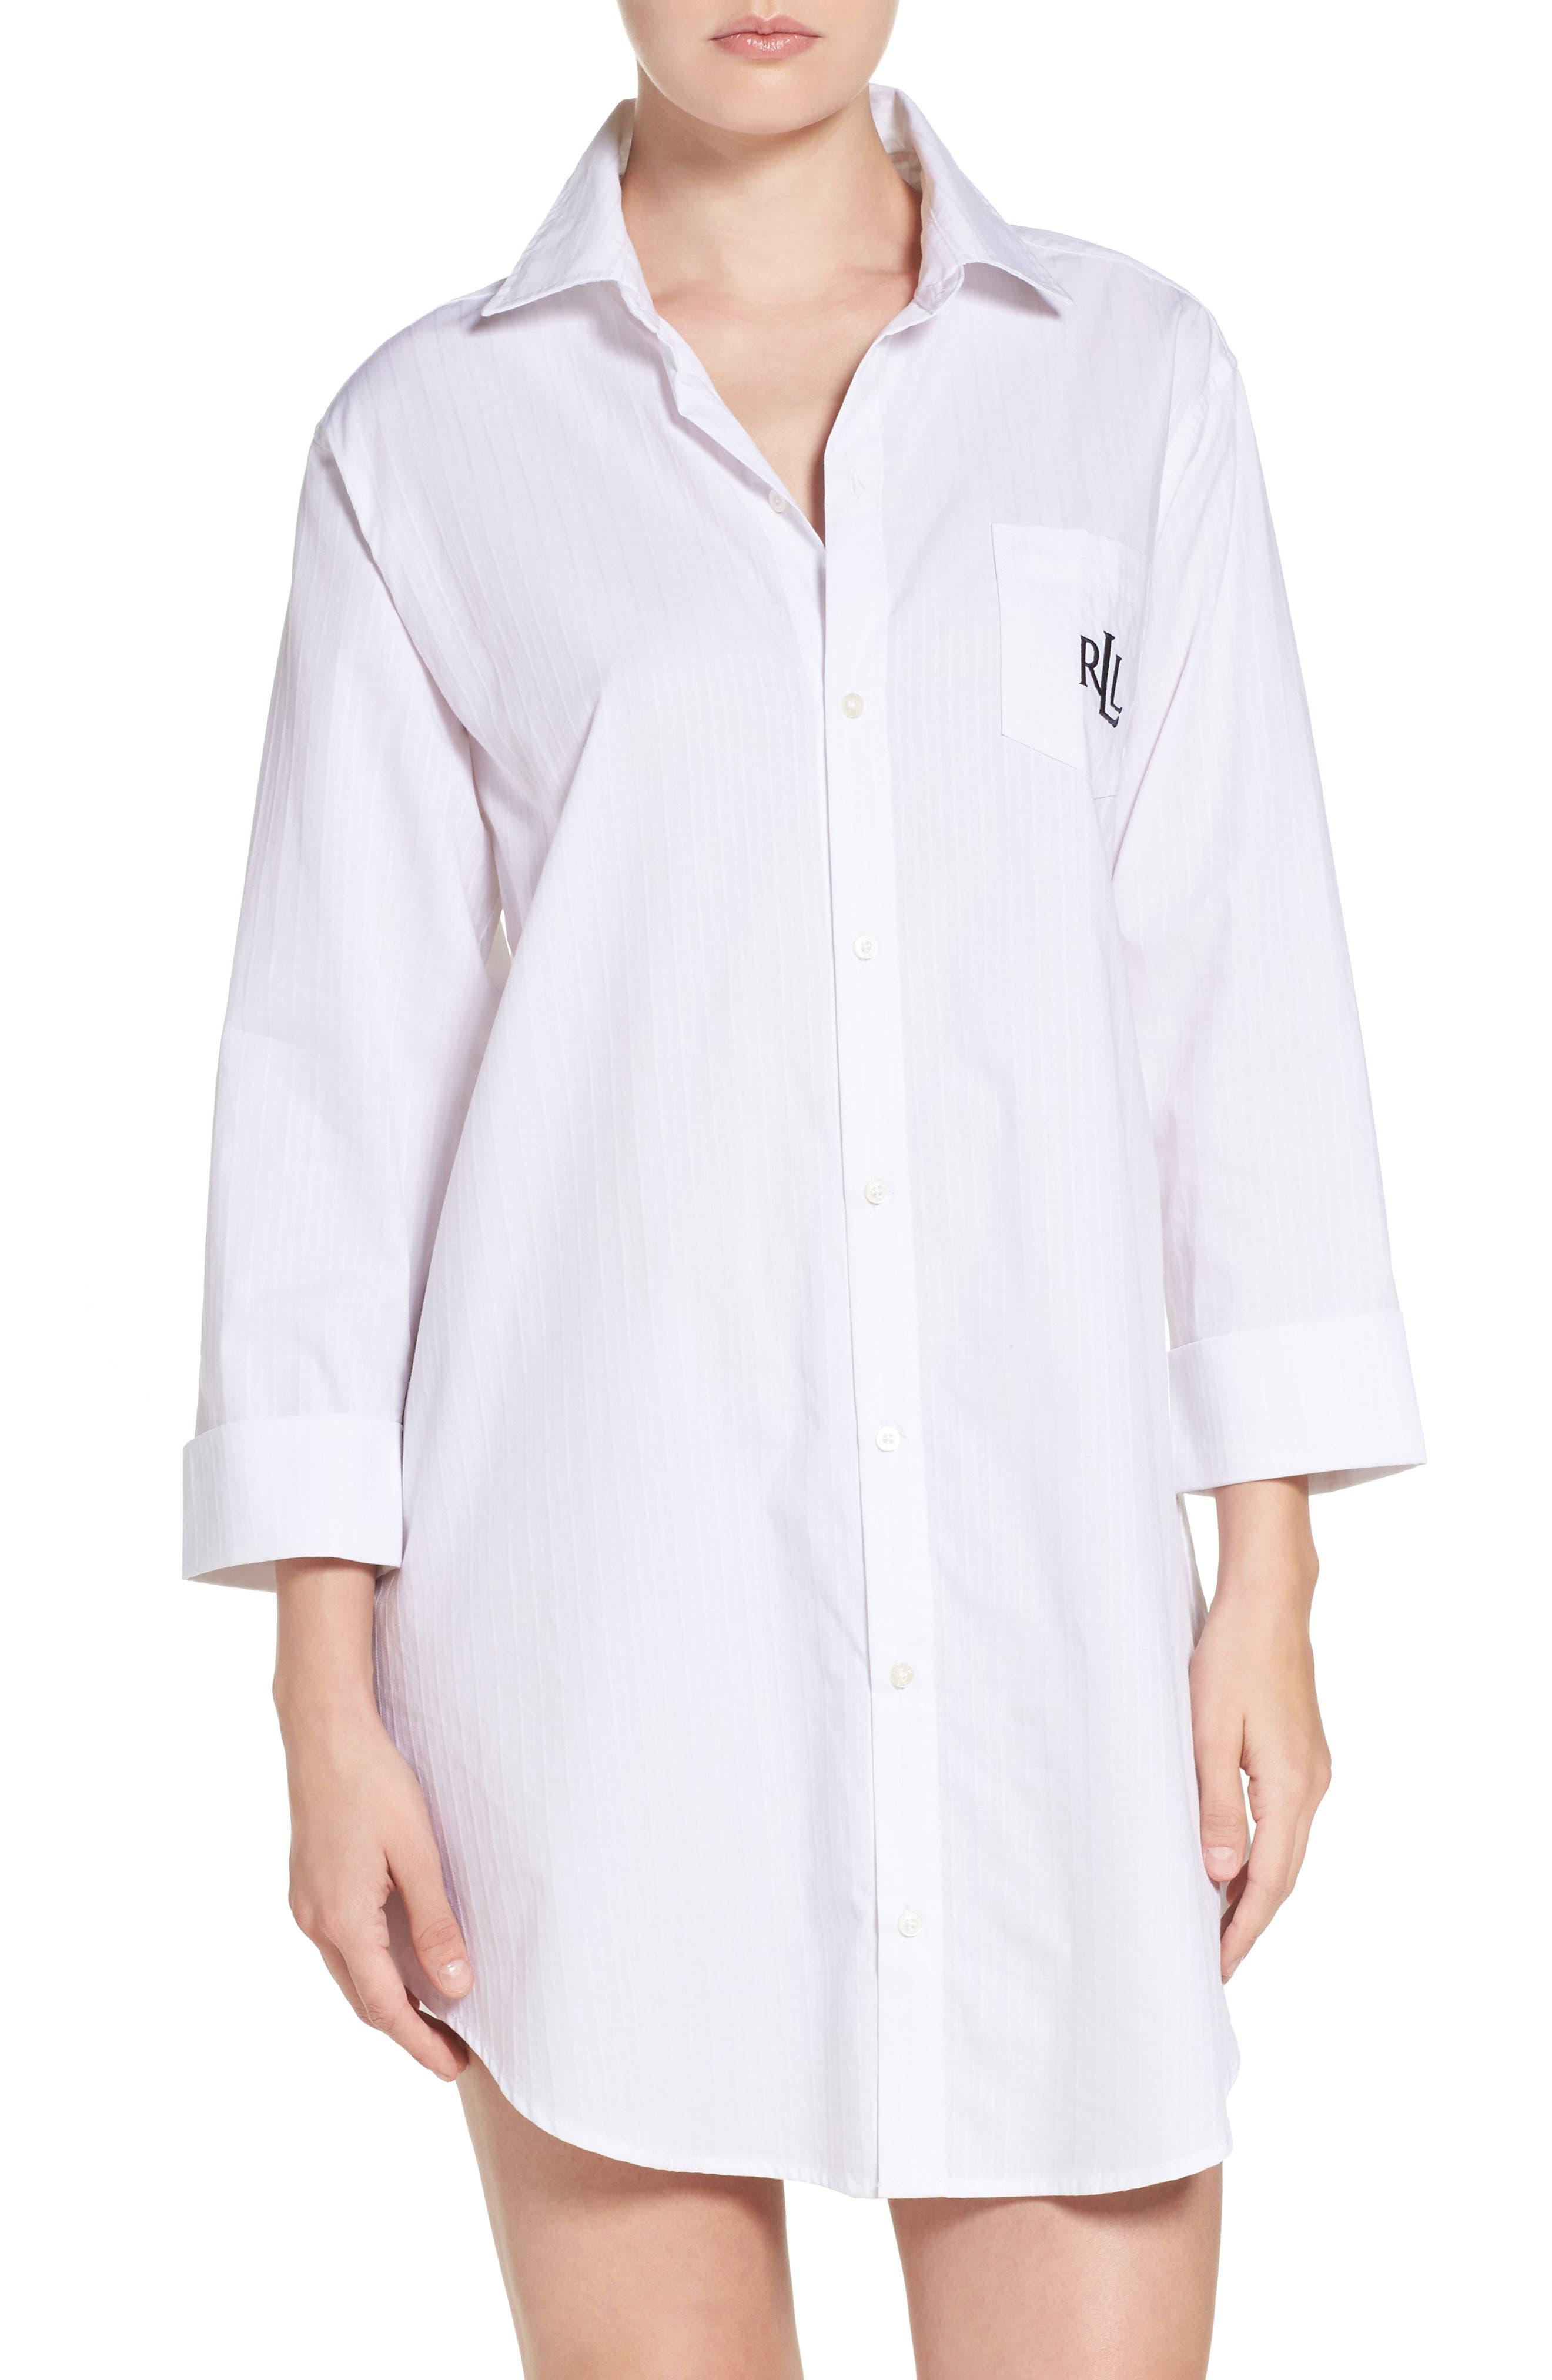 Lauren Ralph Lauren His Sleep Shirt